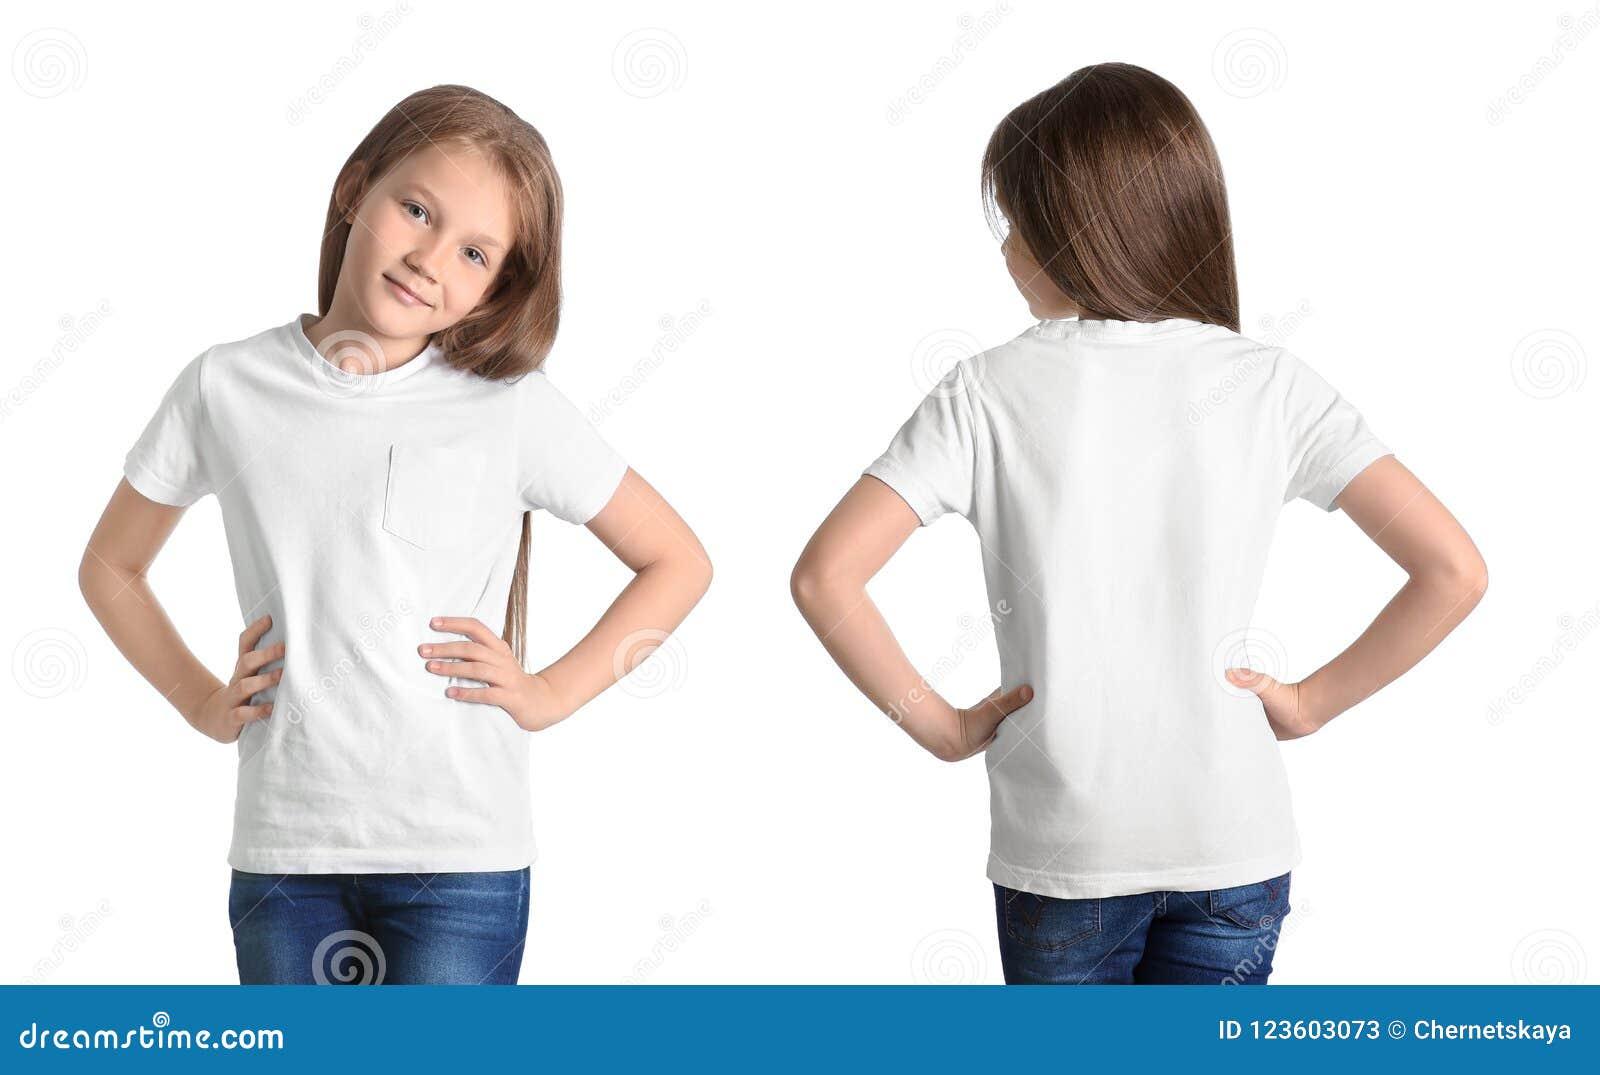 Передние и задние взгляды маленькой девочки в пустой футболке